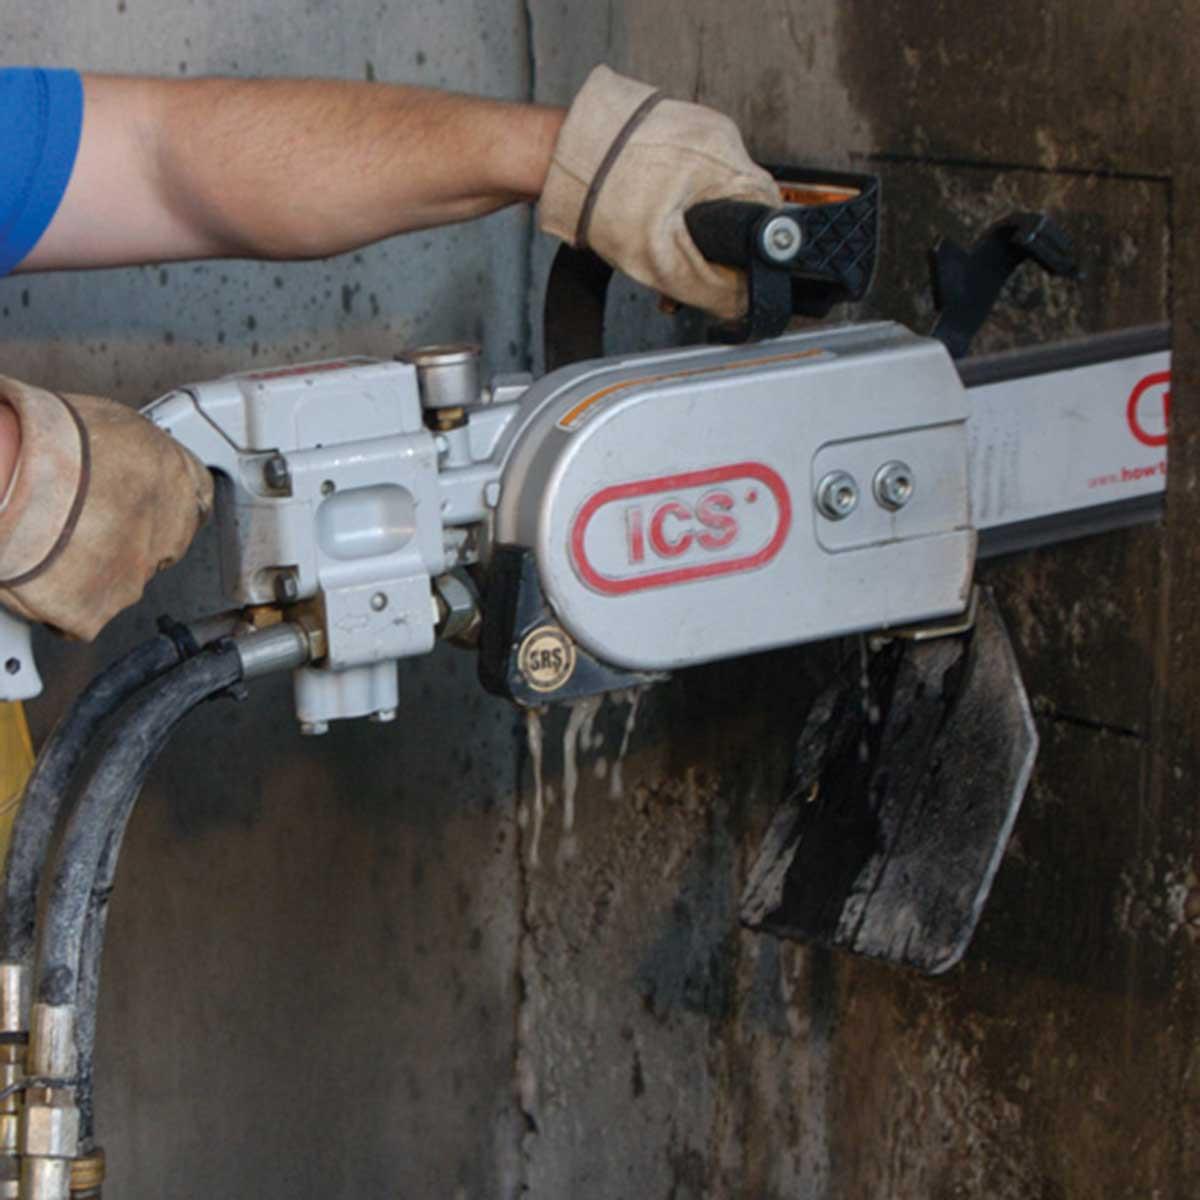 ICS Hydraulic Chain saw wall cut